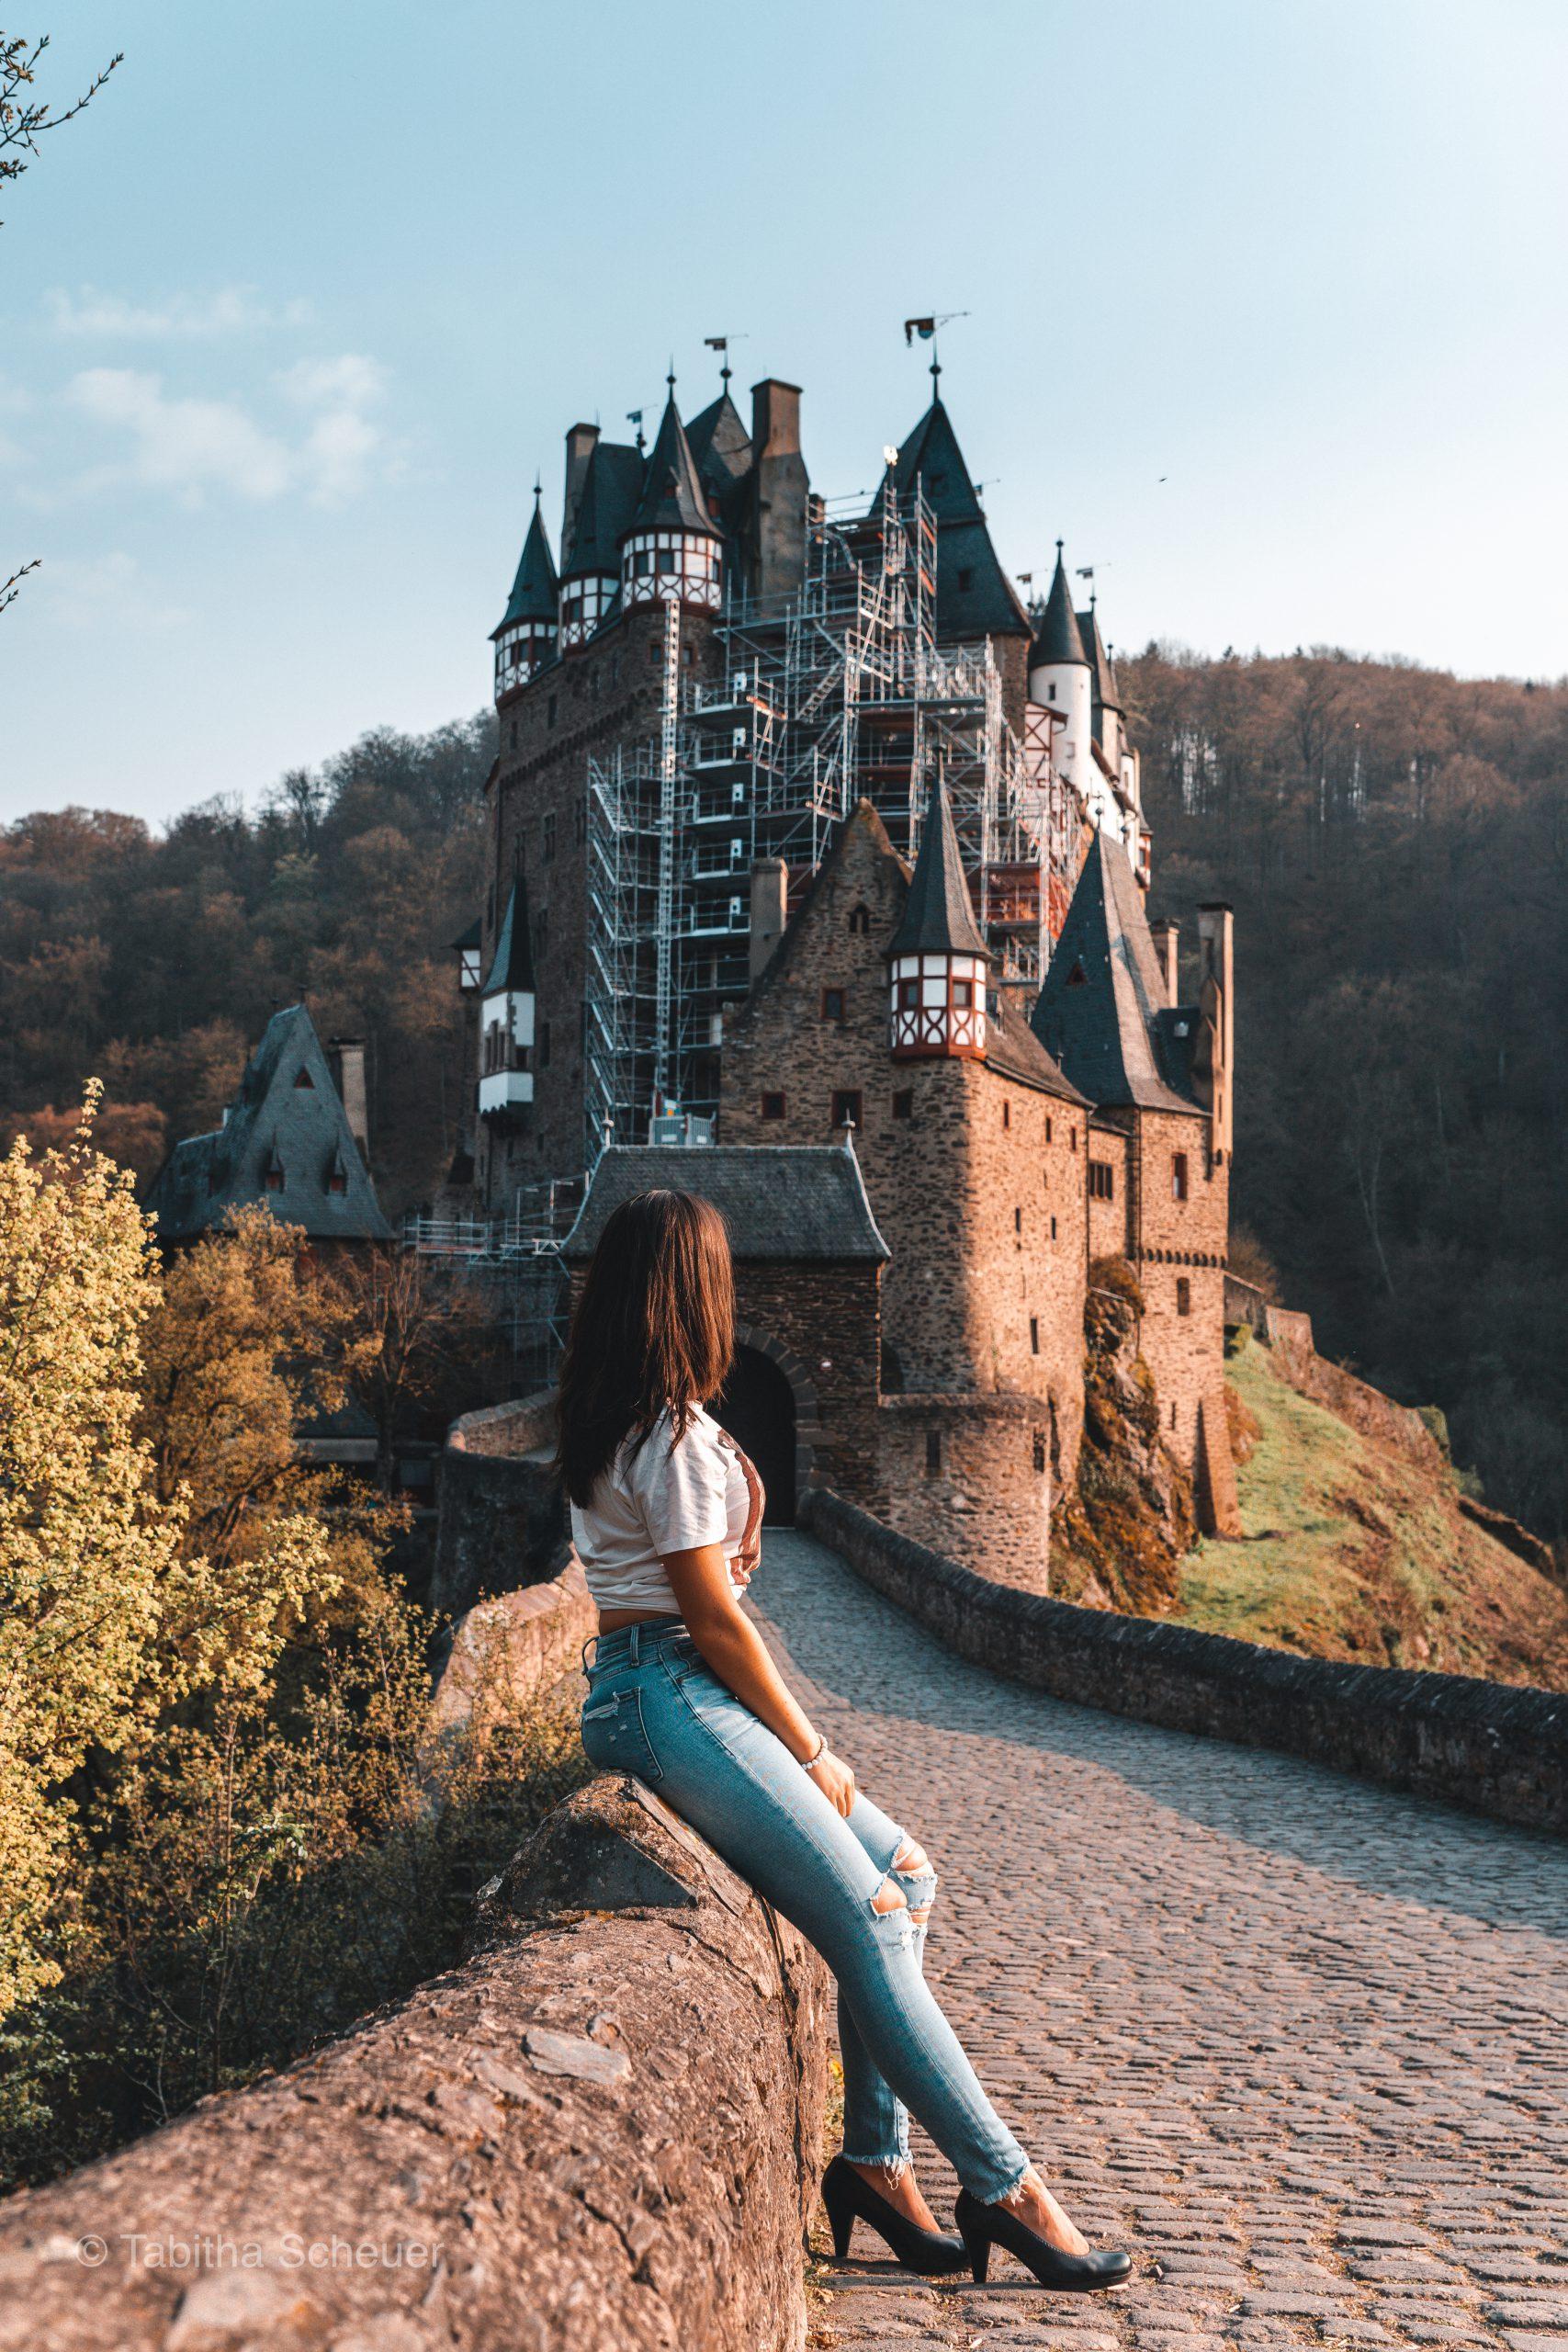 Burg Eltz |Girl sitting in front of Eltz Castle |Germany Tourism